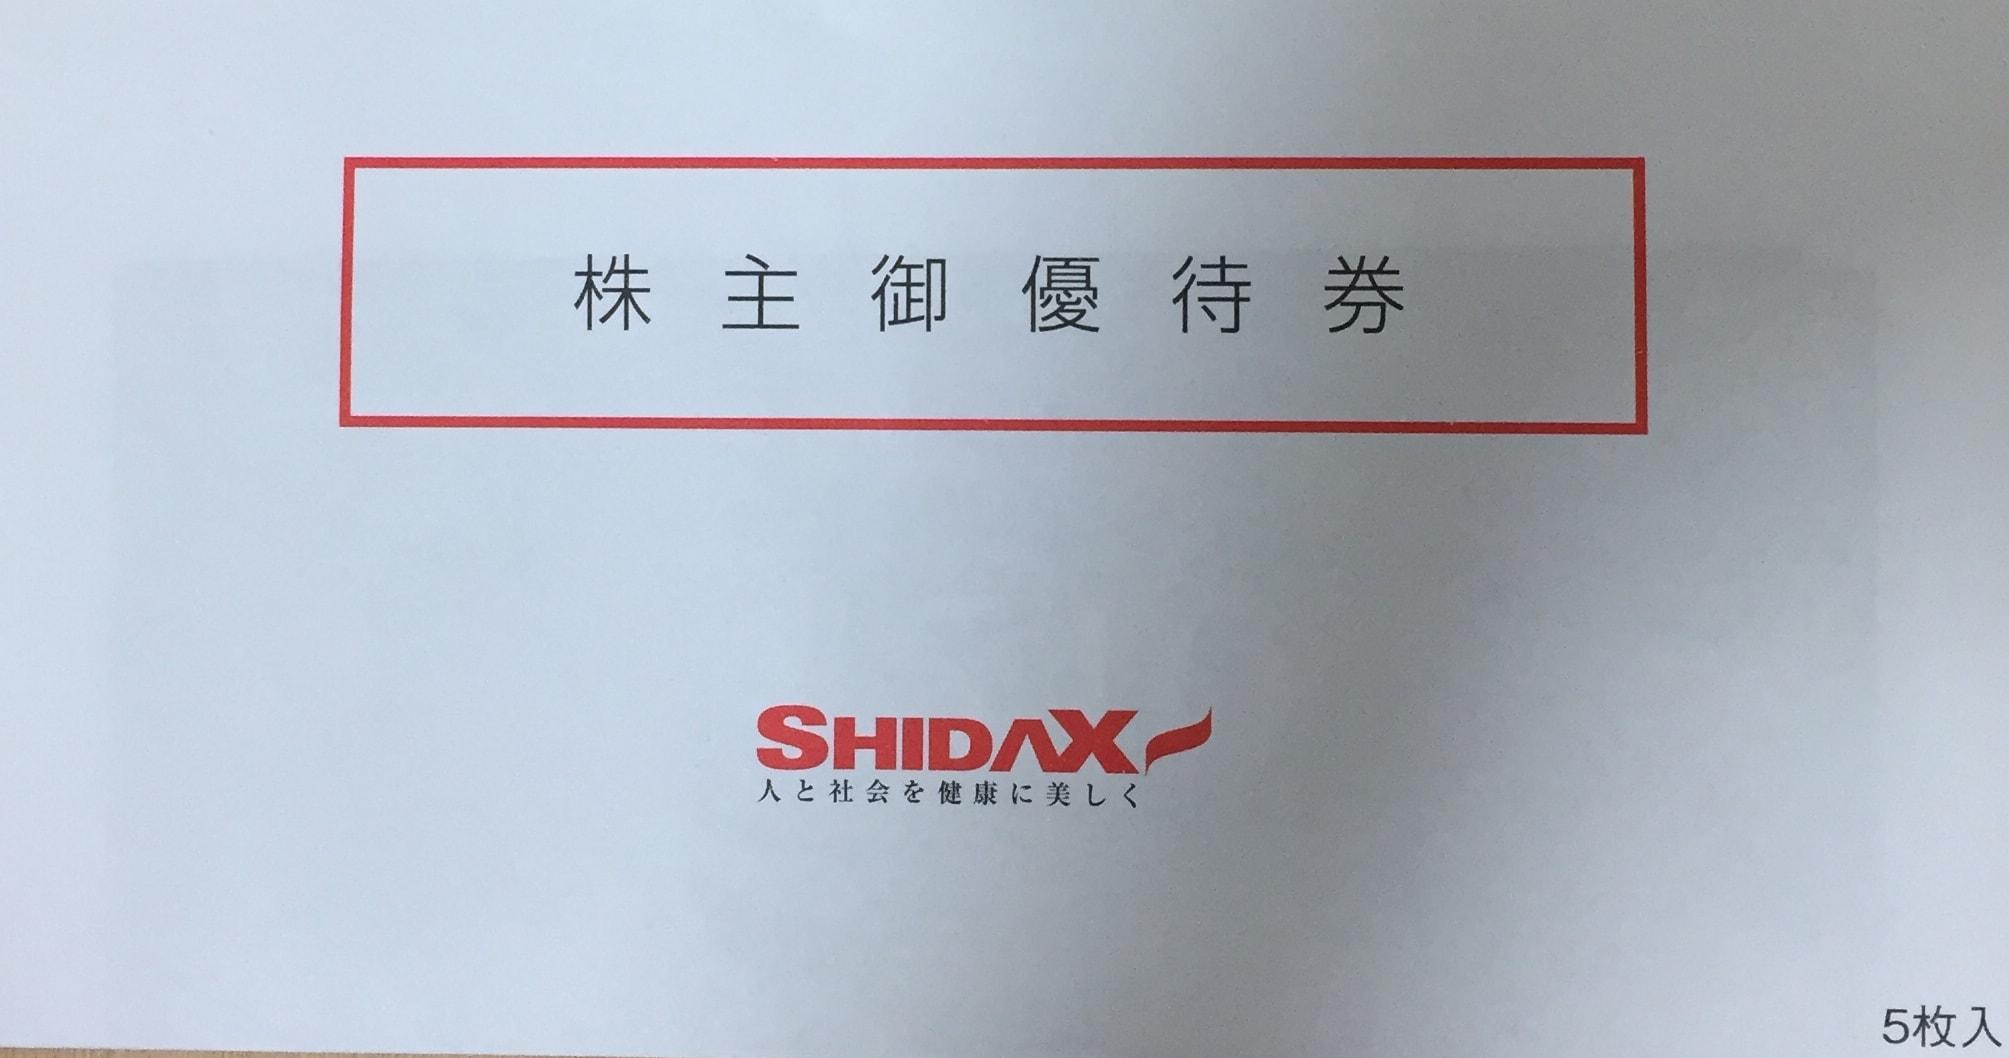 シダックス株主優待